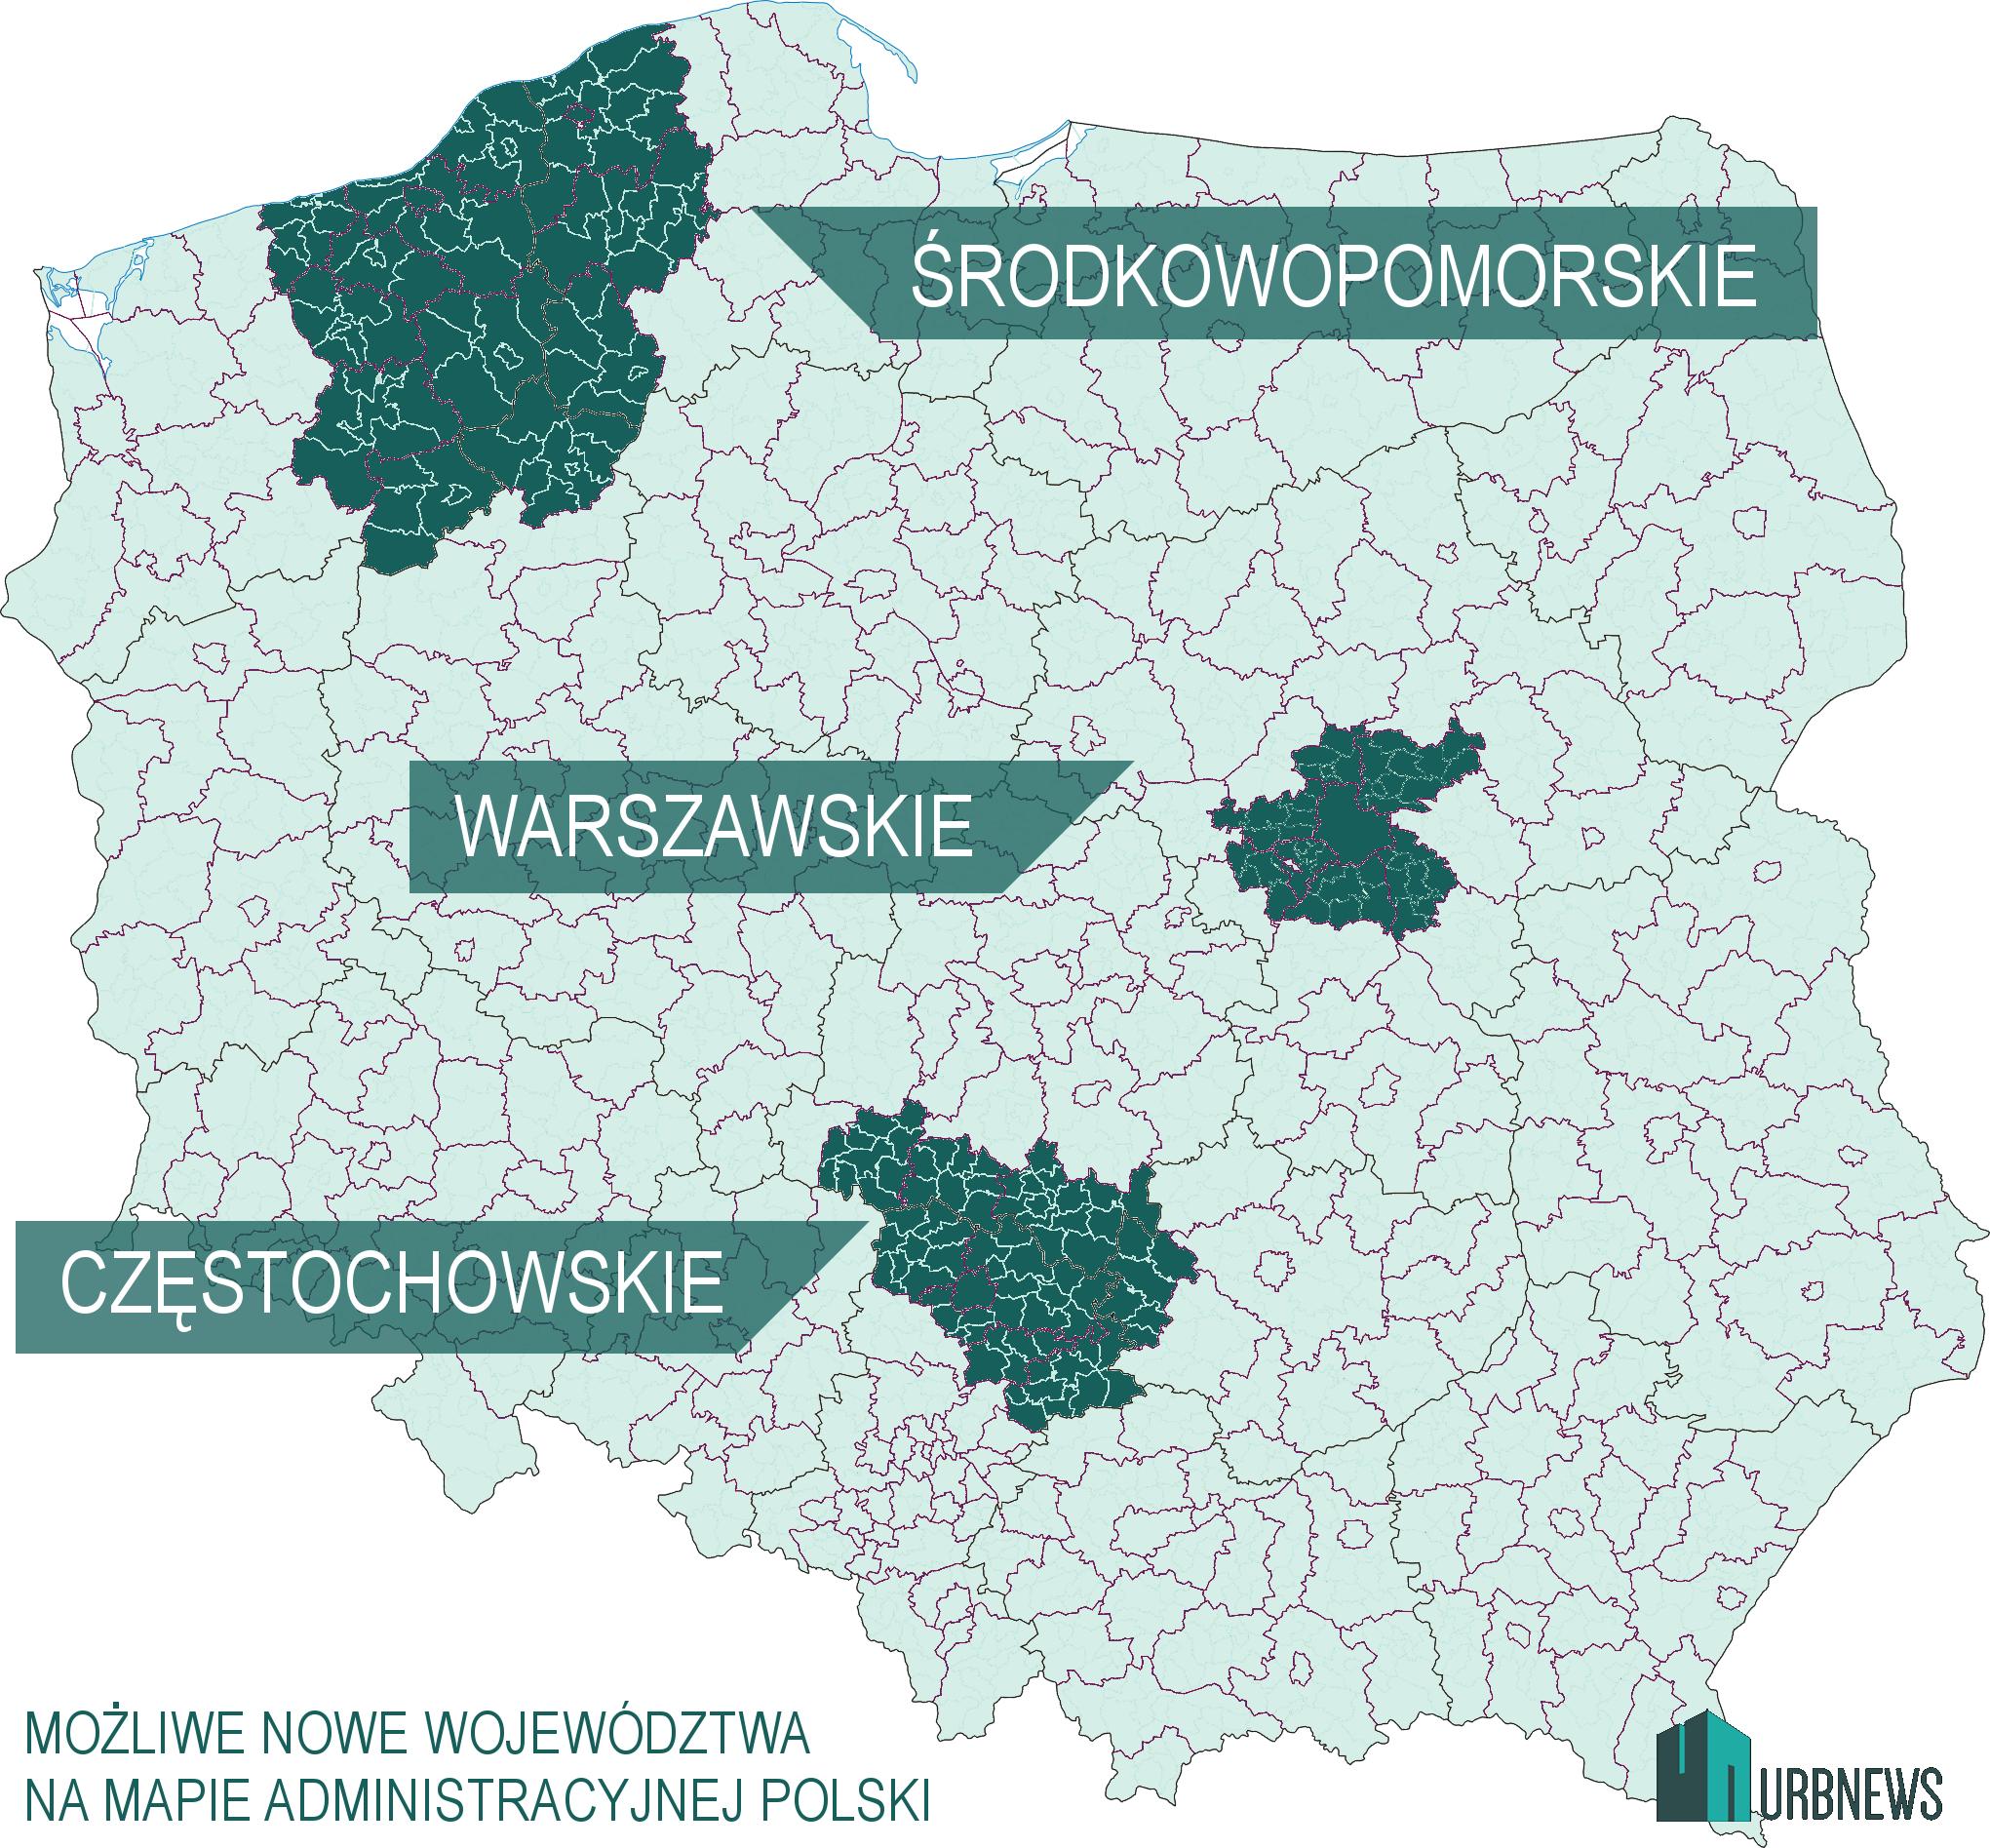 POLSKA_woj_pow_gminy_2